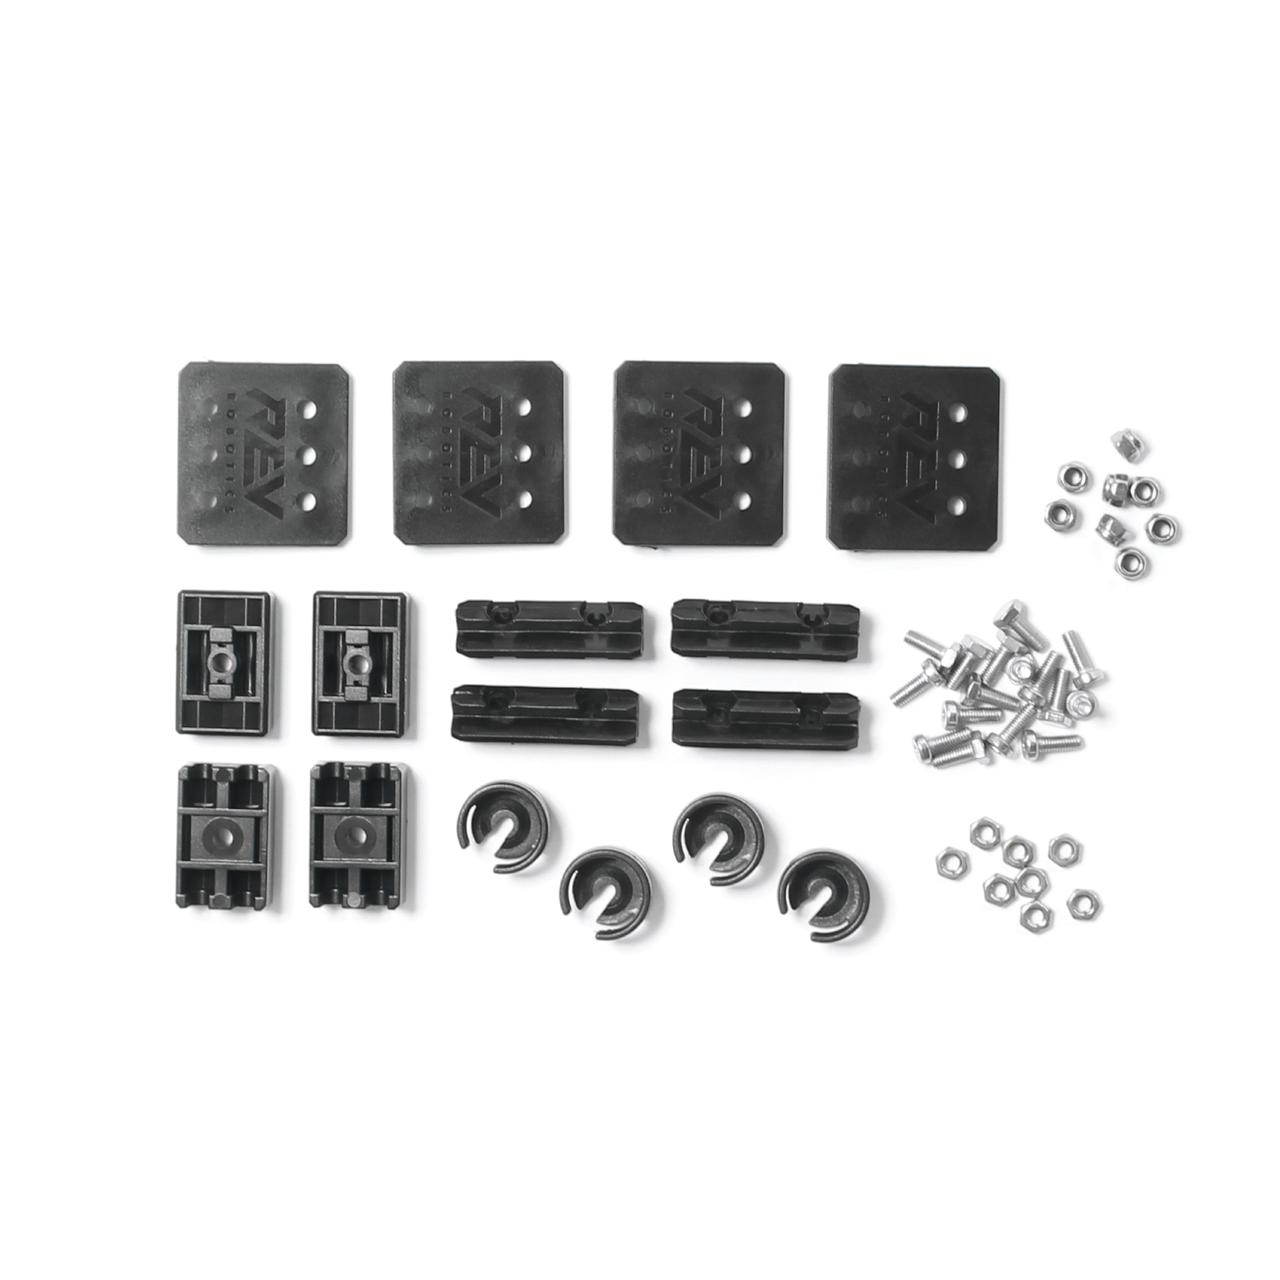 15mm linear motion kit v2 rev robotics